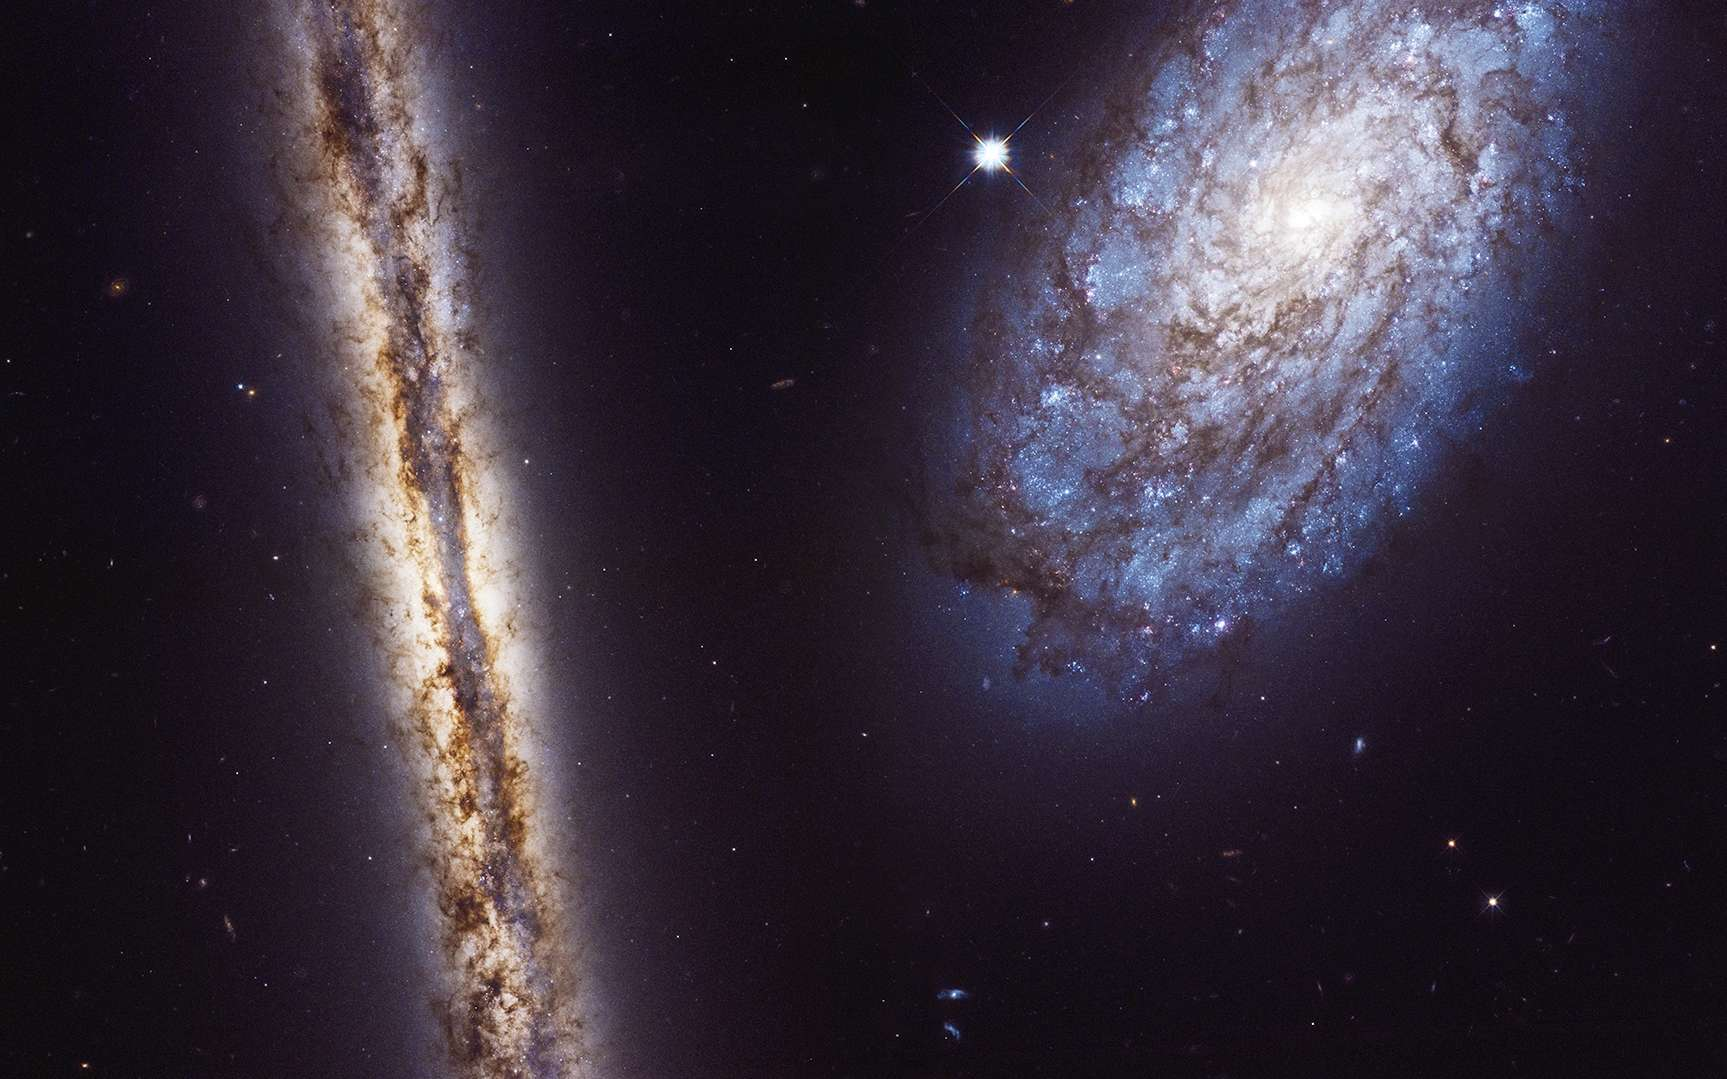 Image composite du duo de galaxies NGC 4302 et NGC 4298, prise avec la caméra WFC3 d'Hubble entre le 2 et le 22 janvier 2017. © Nasa, ESA, M. Mutchler (STScI)